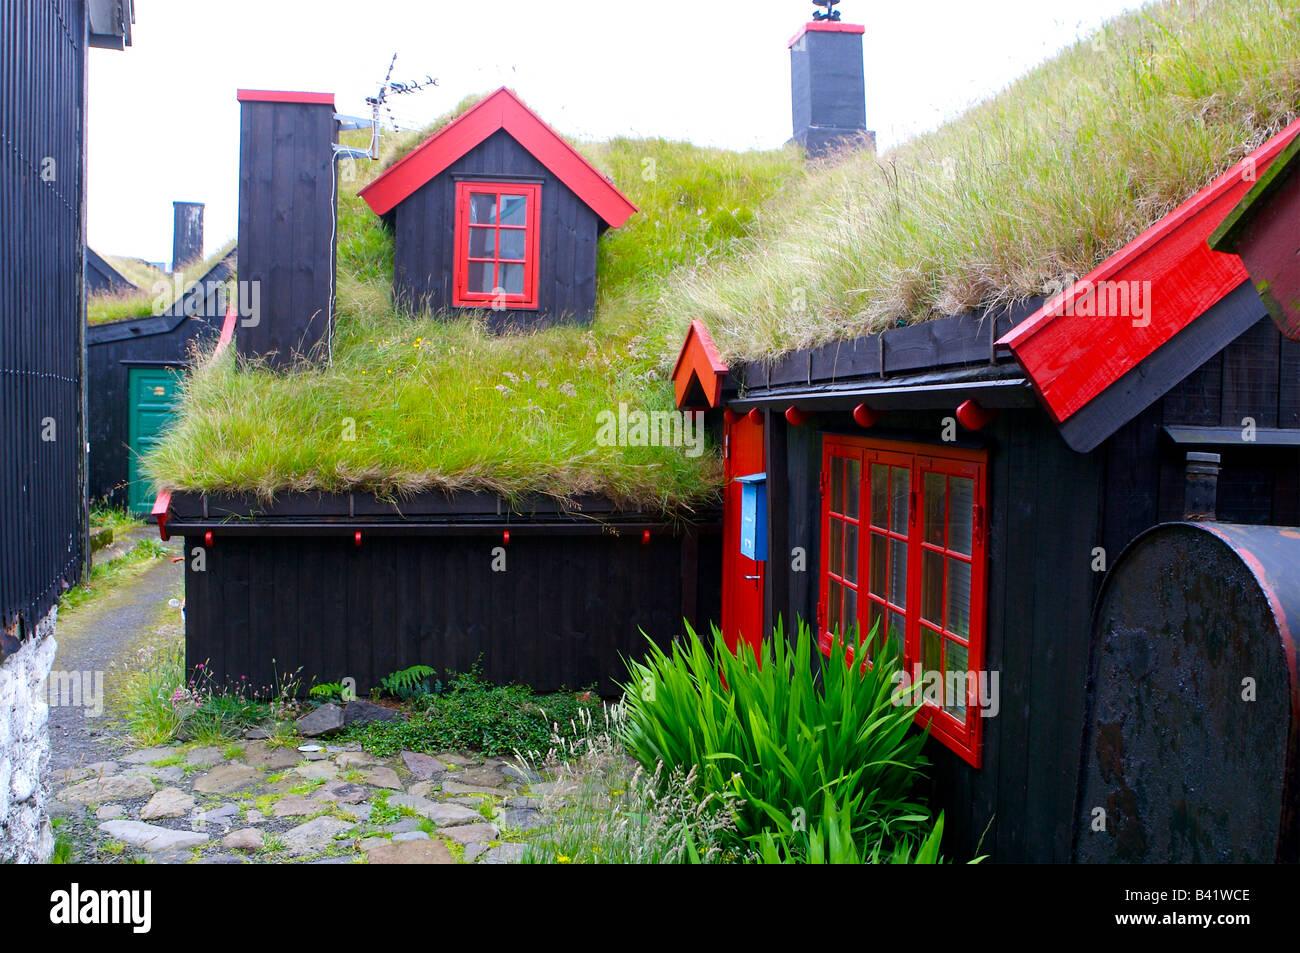 Cottage toop tetto isolamento sotto forma di erba e turf - Isole Faerøer Foto Stock